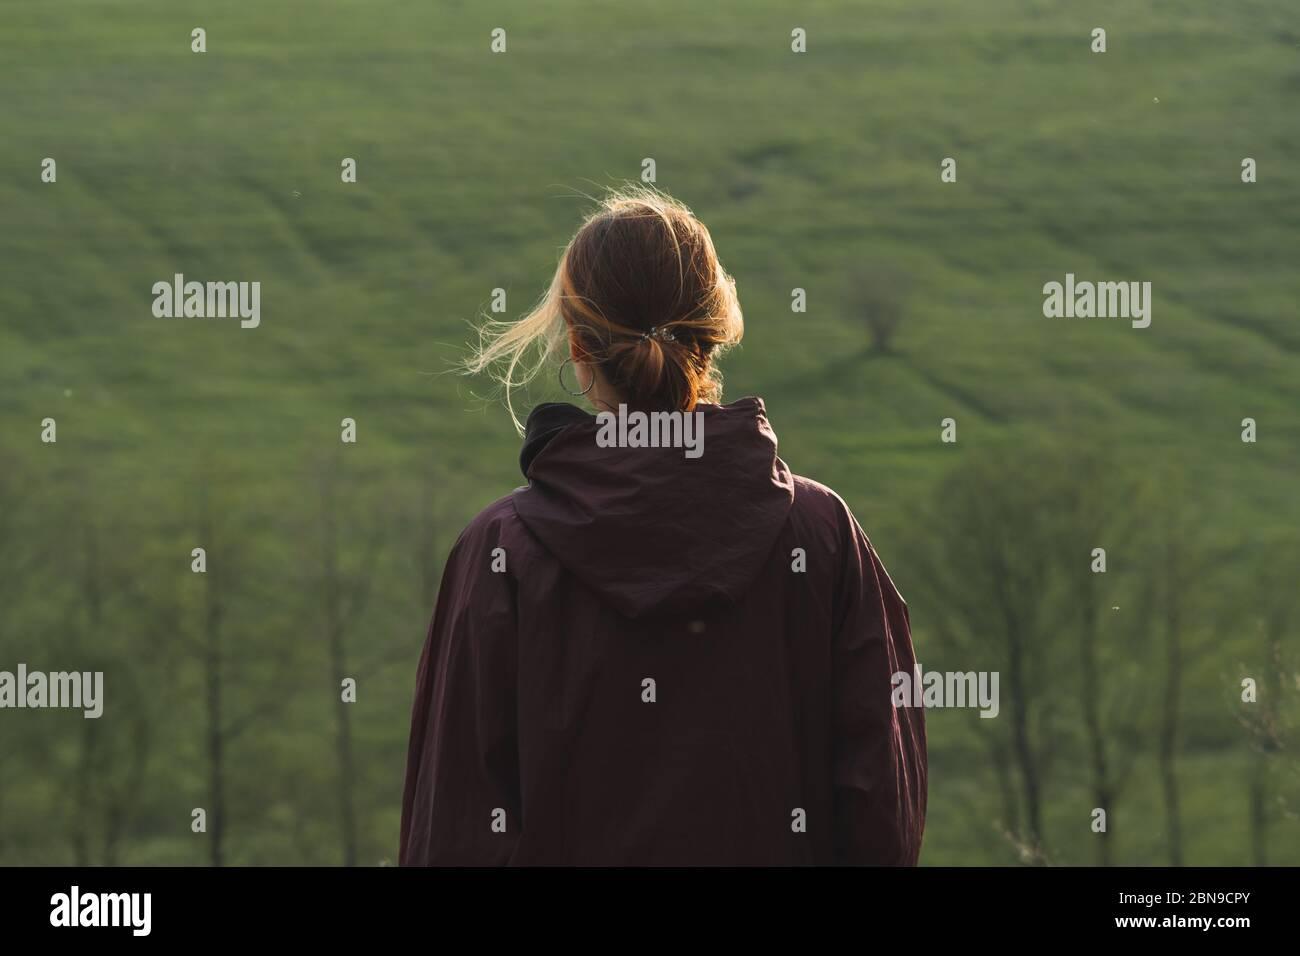 Detrás de una mujer de pie en las colinas en clima ventoso. Caminar, hacer senderismo y pasar tiempo libre al aire libre, portait adulto joven Foto de stock